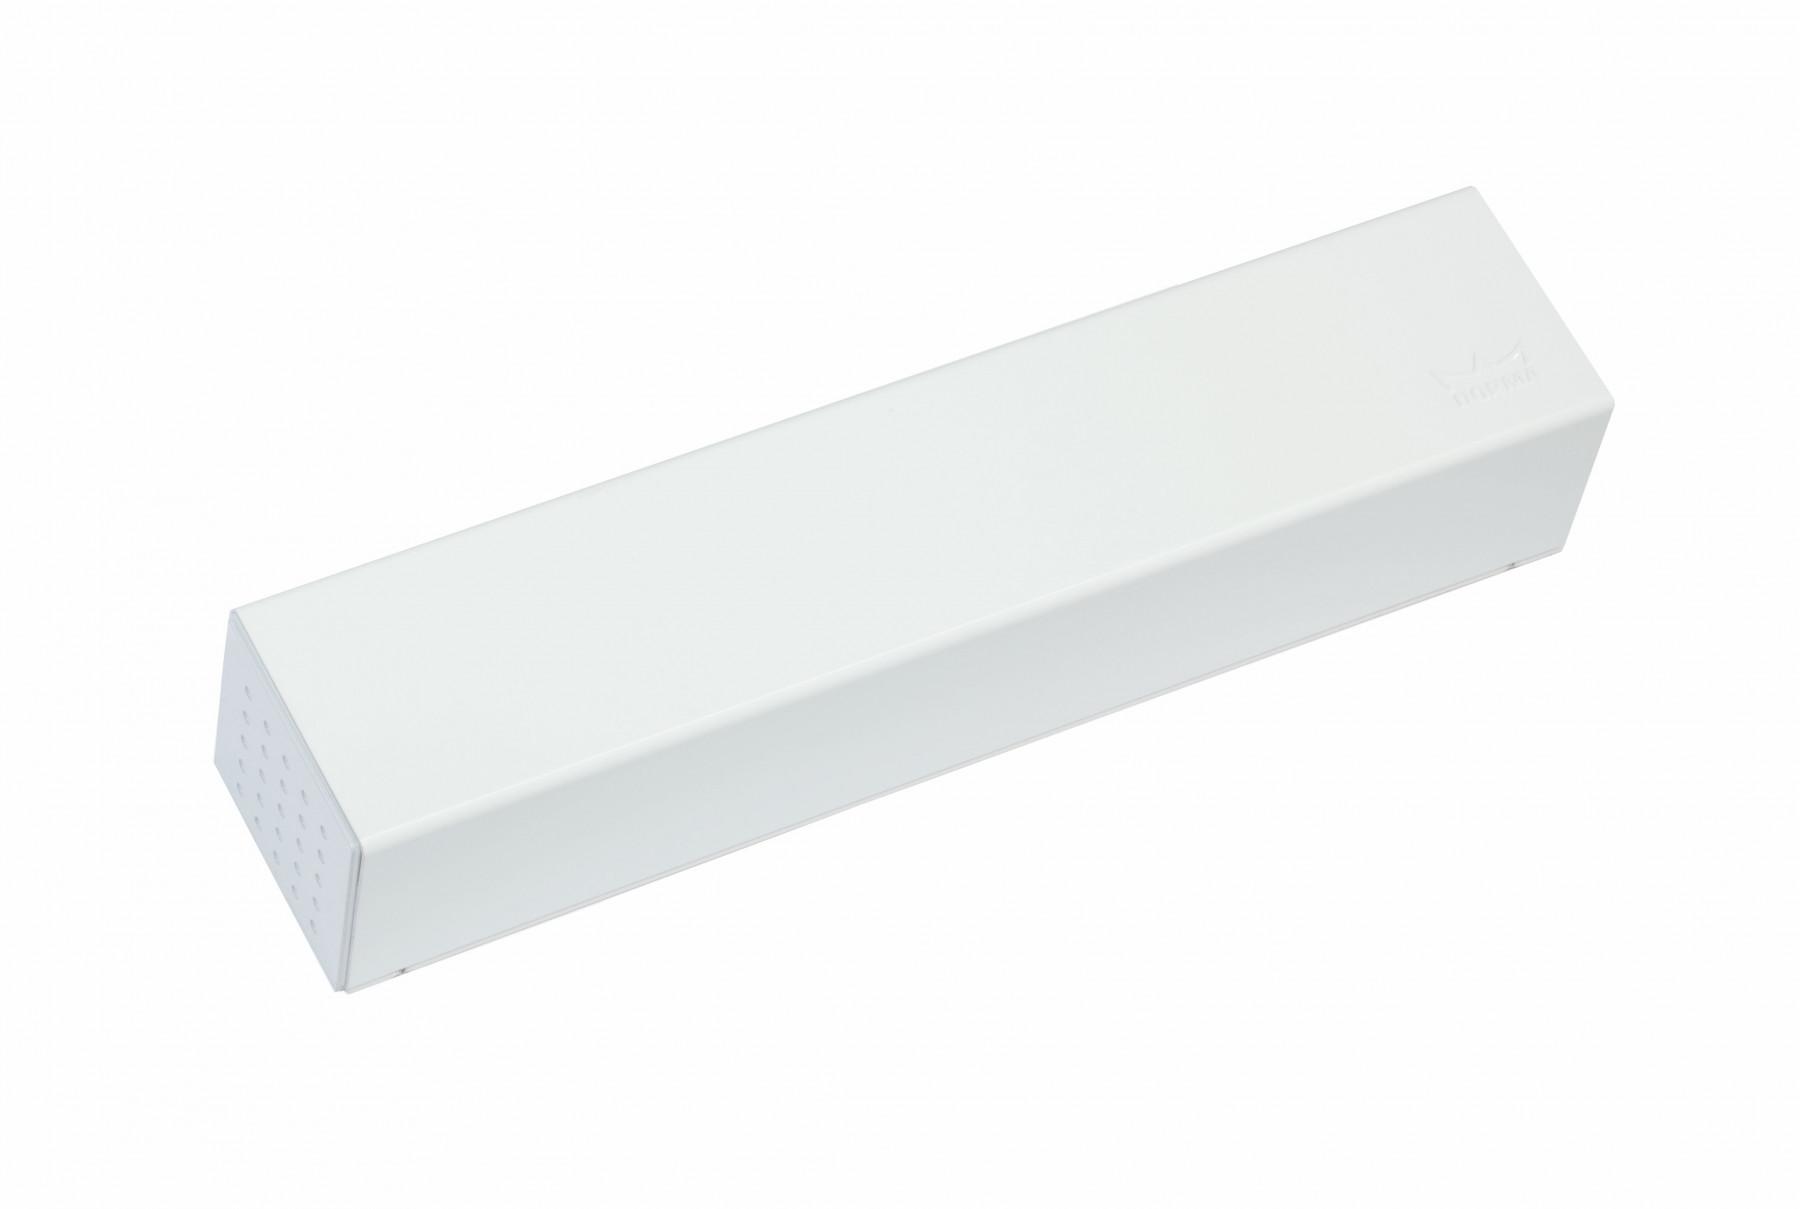 Ferme-porte TS93 B25 sans bras DORMA - Blanc - Force 2 à 5 - côté paumelle - 43080011